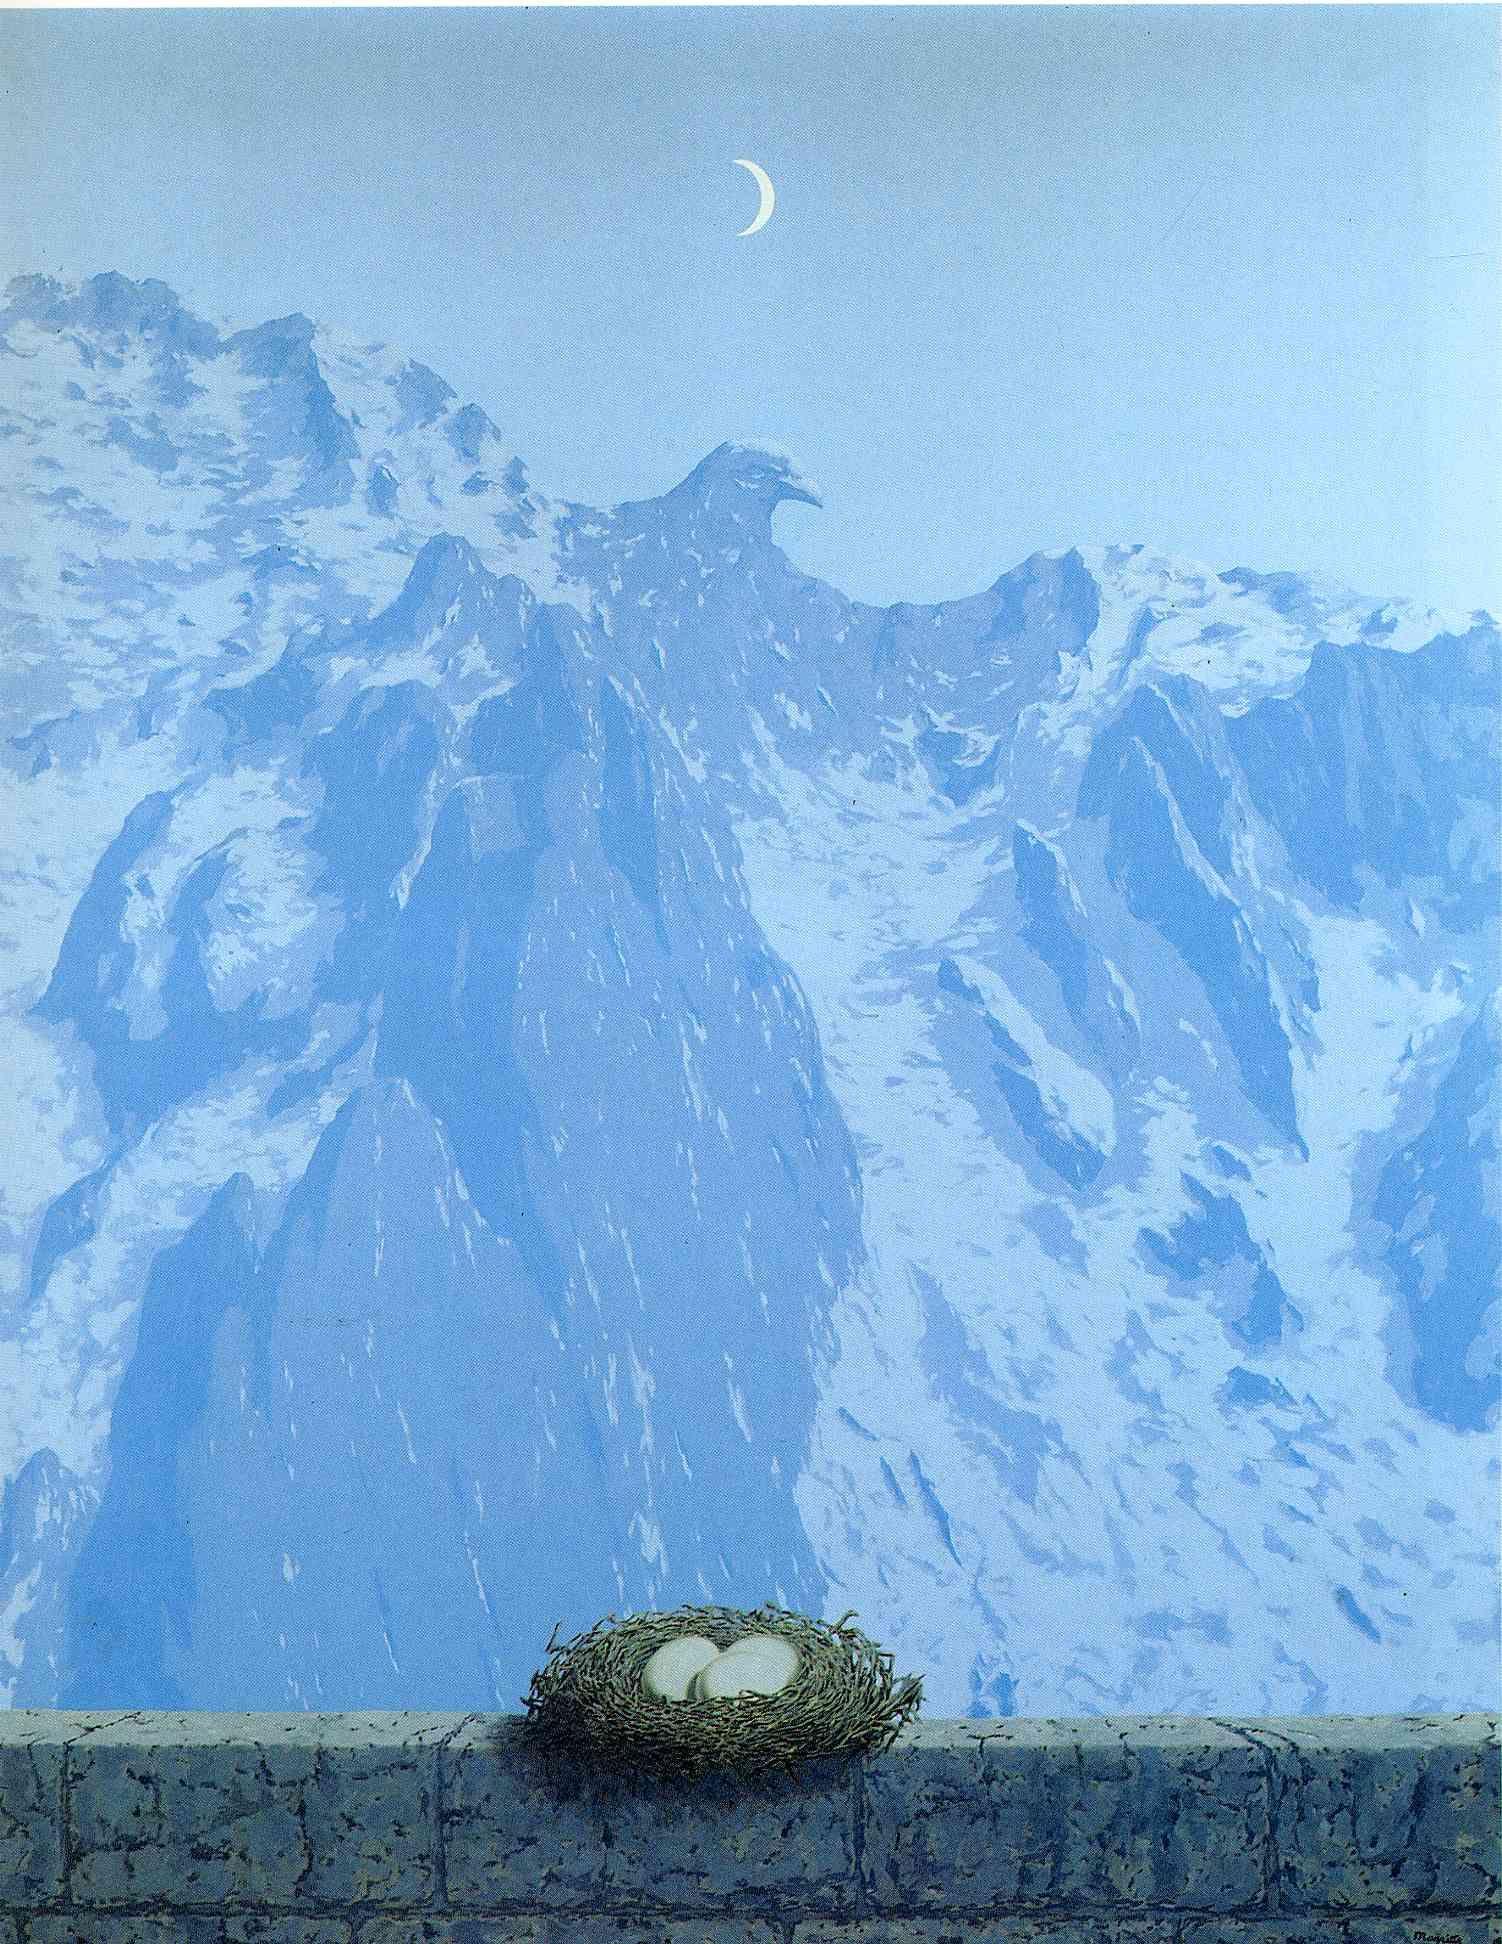 Rene Magritte Painting 101.jpg